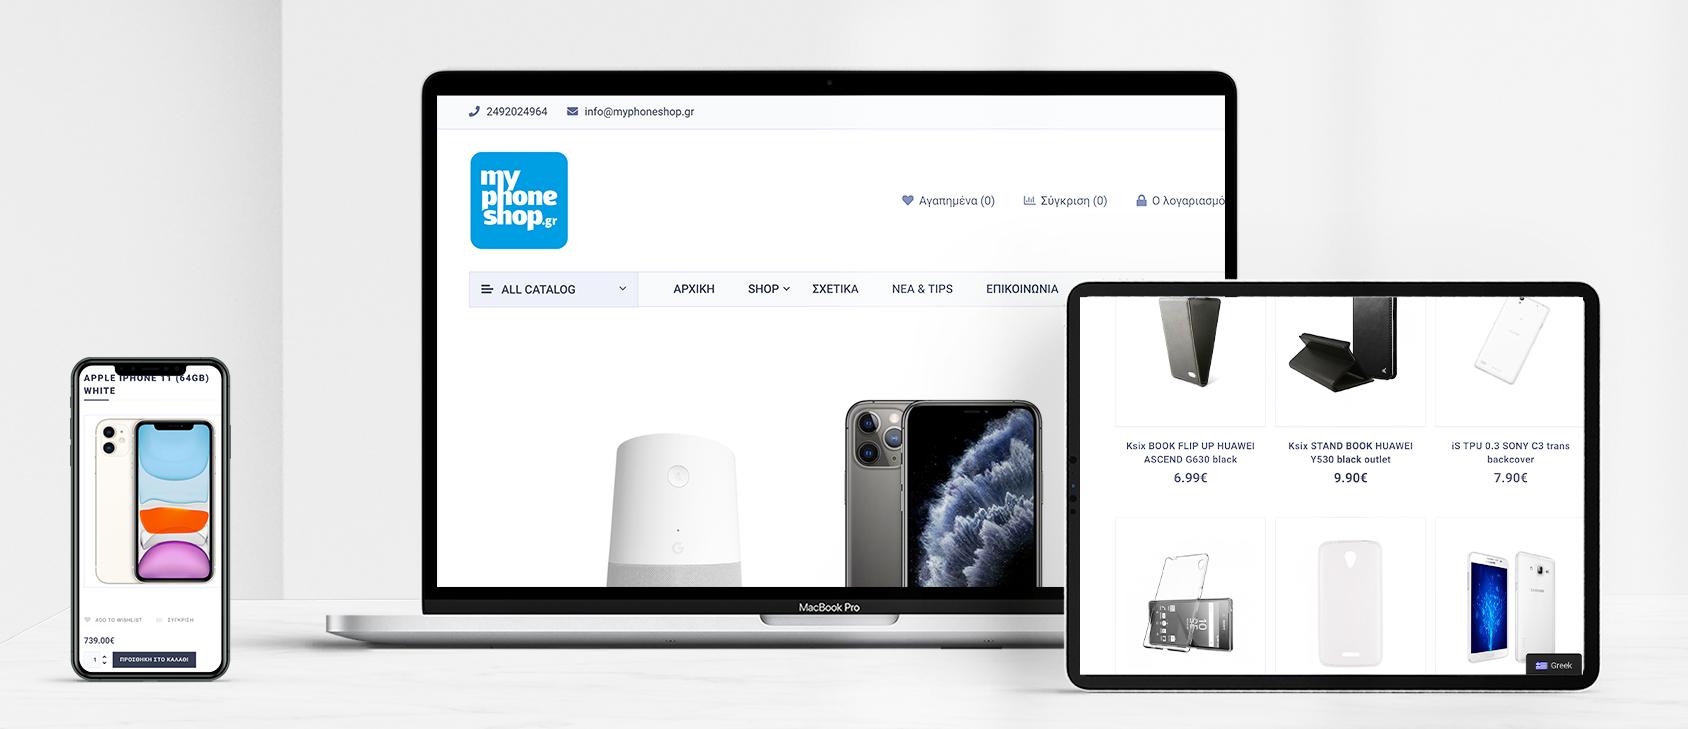 Κατασκευή e-shop myphoneshop.gr